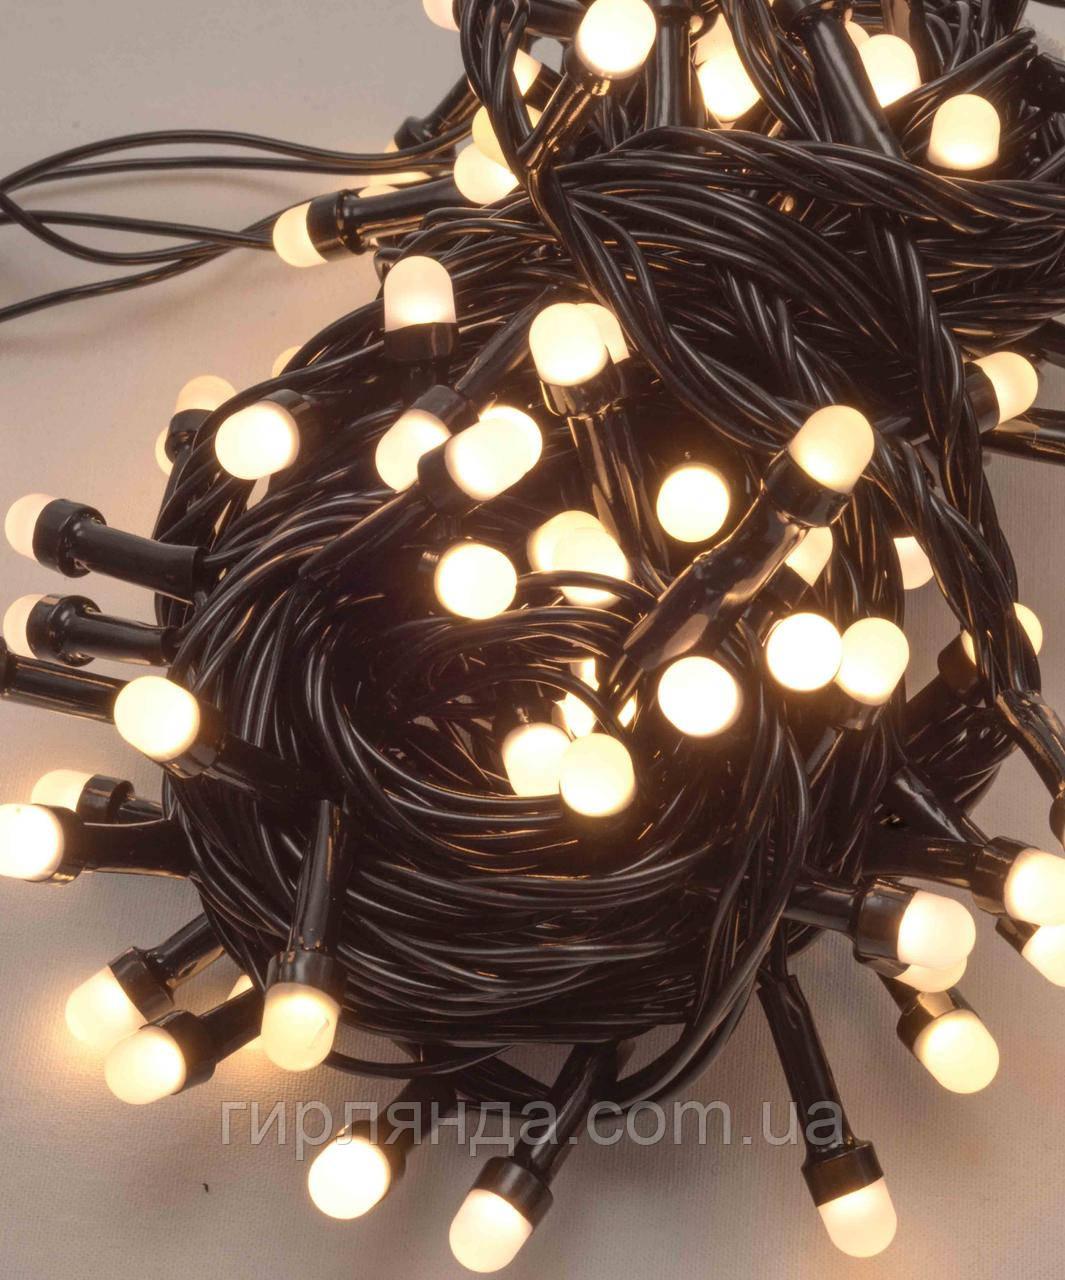 Лінза 8мм 100 LED, чорний провід 7м,  білий теплий